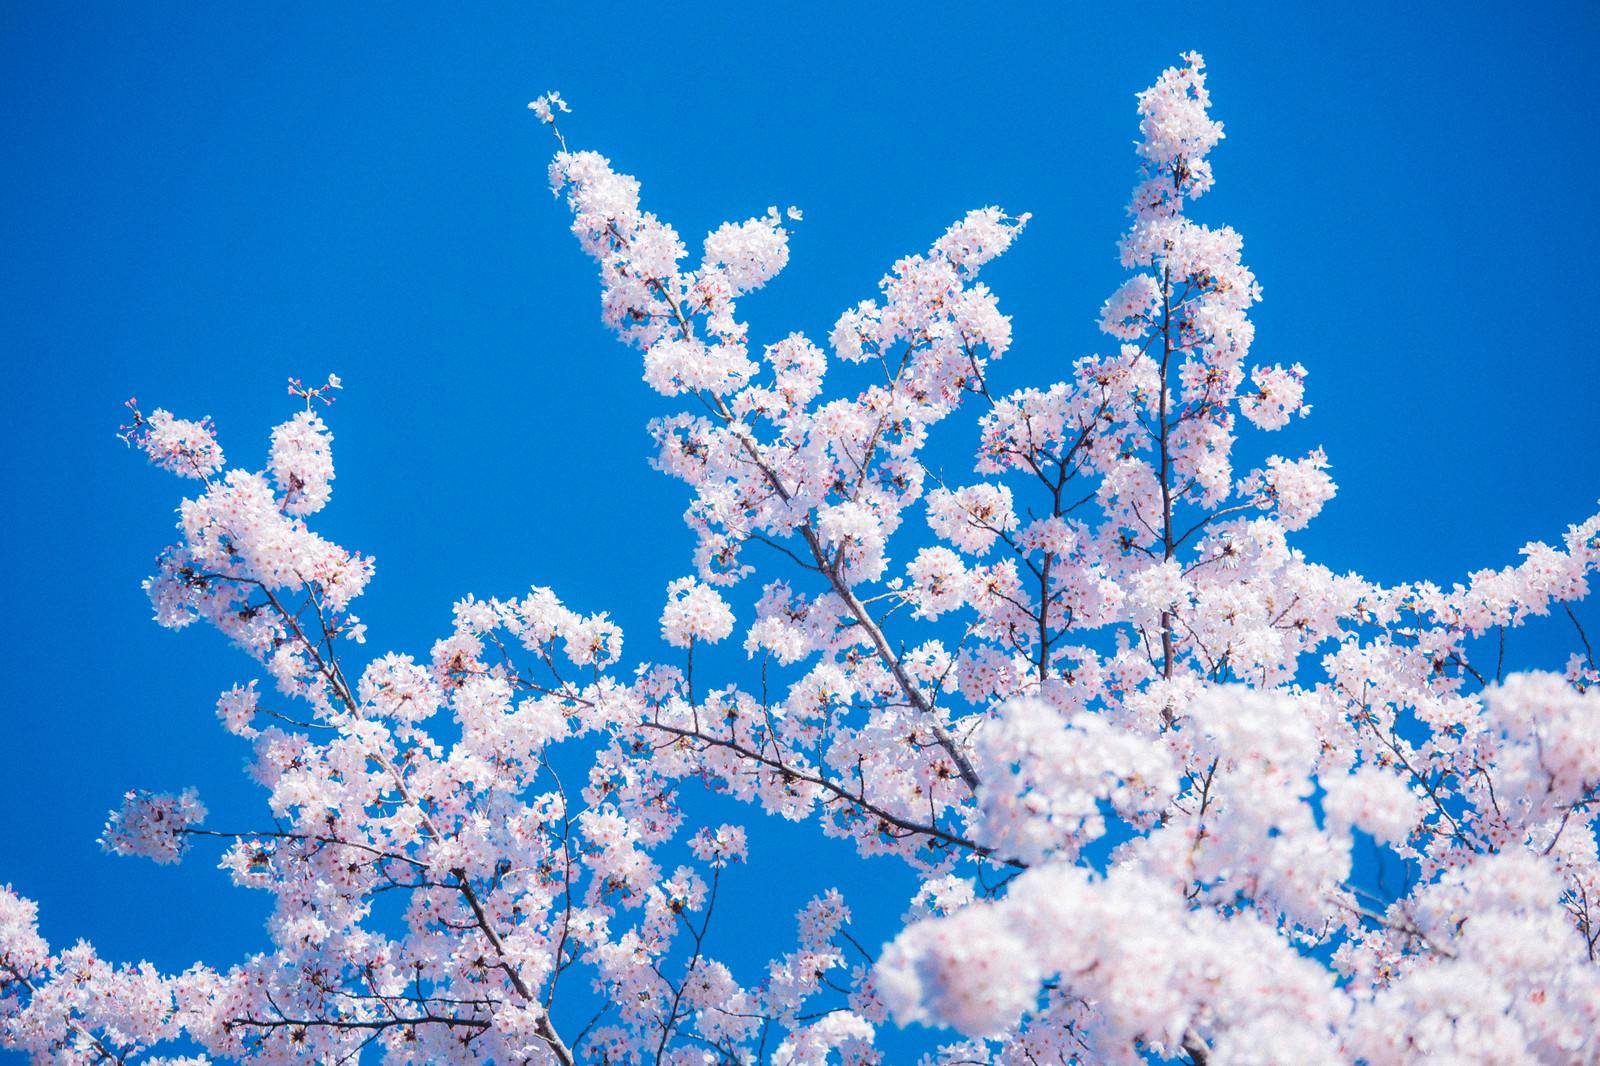 「入学」といえば何を考える?曲、イラスト、エピソード、親戚、春、4月、出会いなど連想できることまとめ